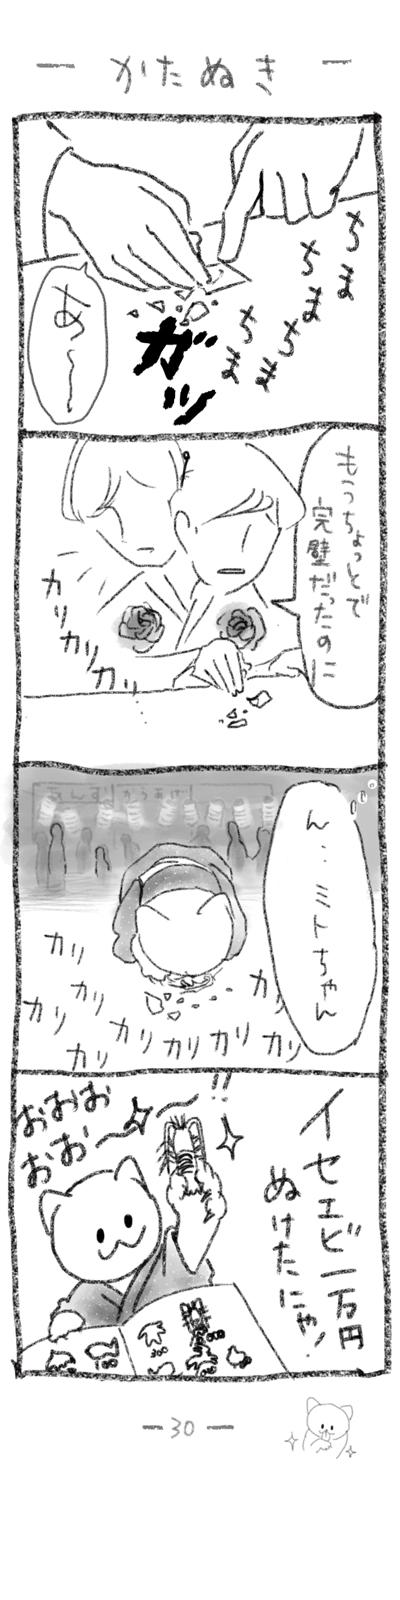 mitomanga_30-1